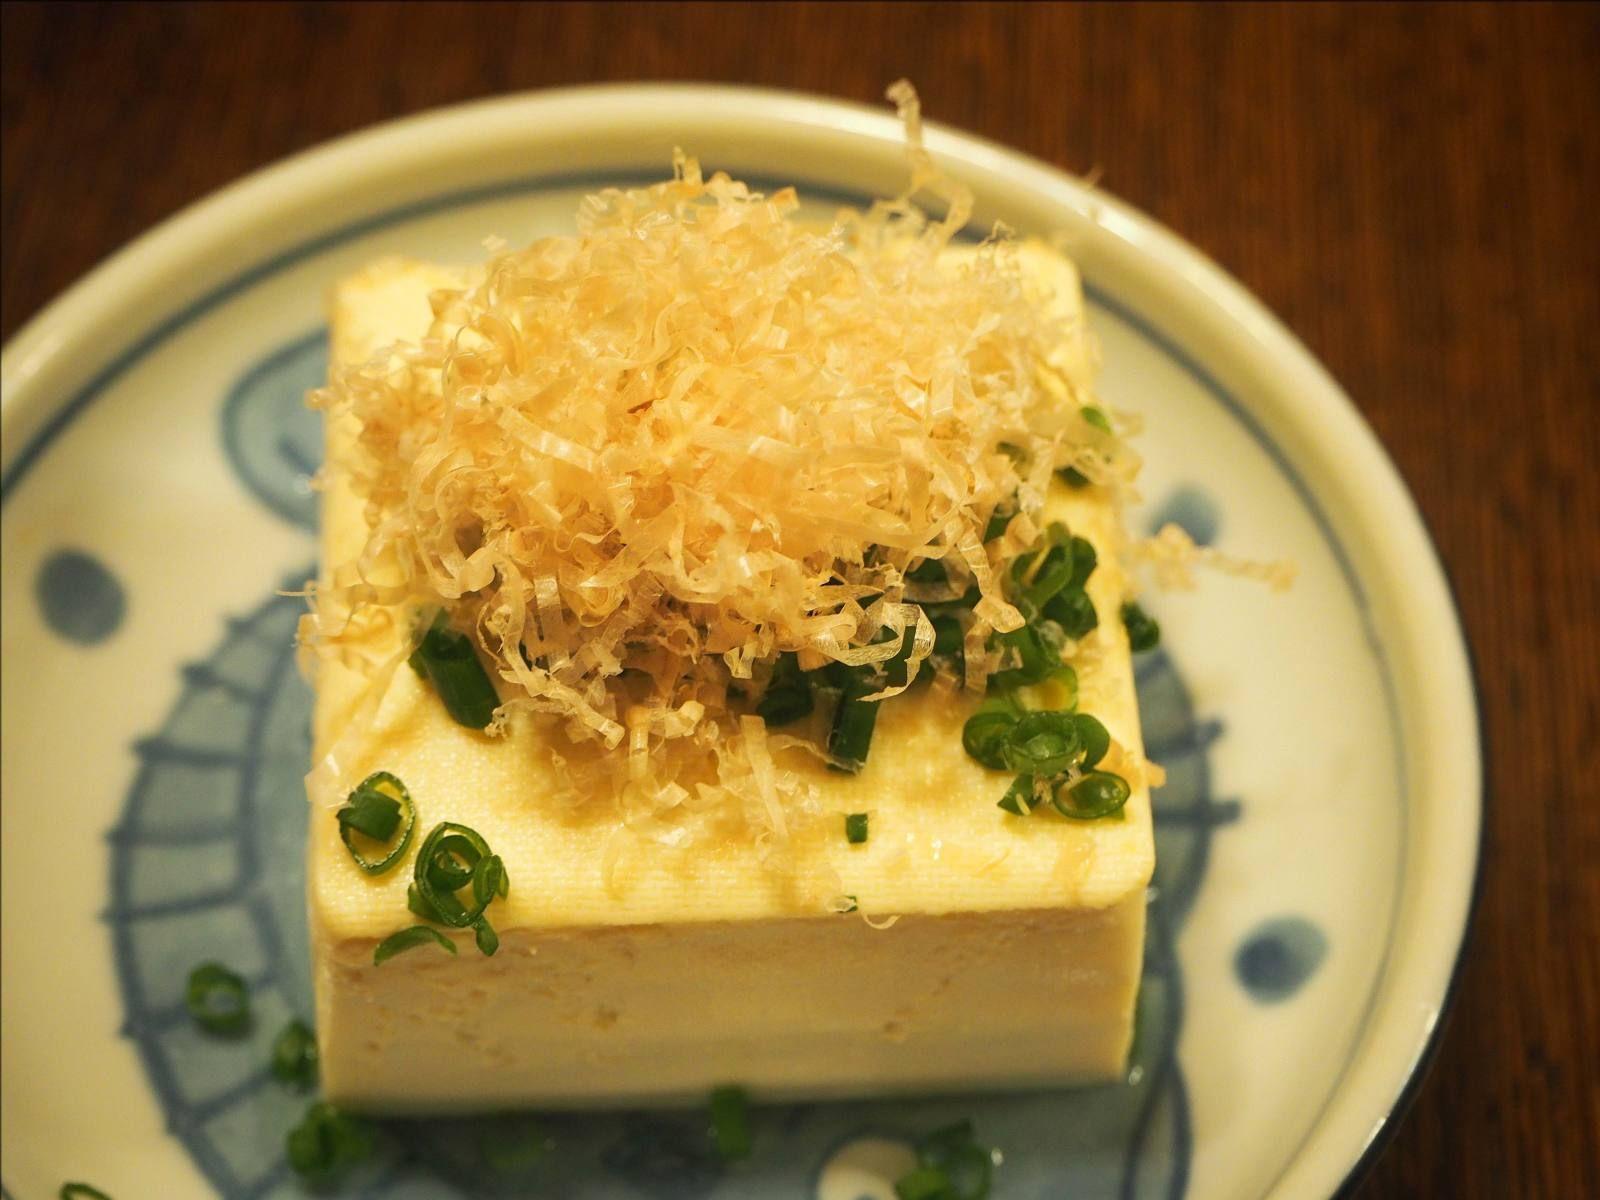 刷毛じょうゆ 海苔弁 山登り Ginza Six 食べ物のアイデア 江戸前